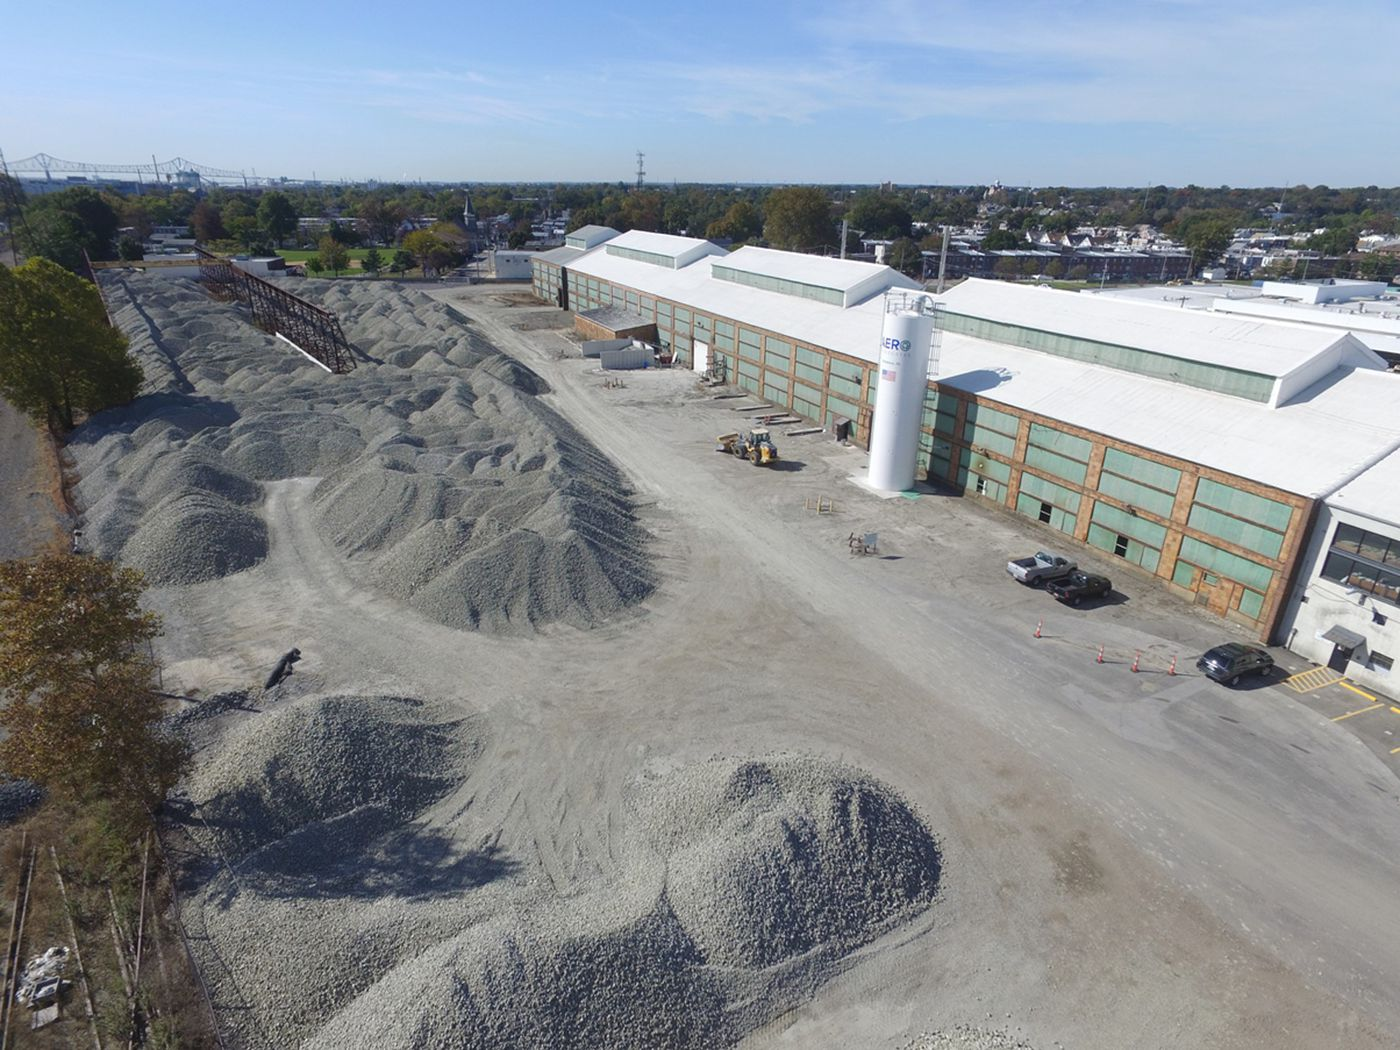 Montones de agregado de vidrio espumado esperan ser recogidos fuera de las instalaciones de AeroAggregates LLC en Eddystone en 2017. El material se utiliza en la construcción.